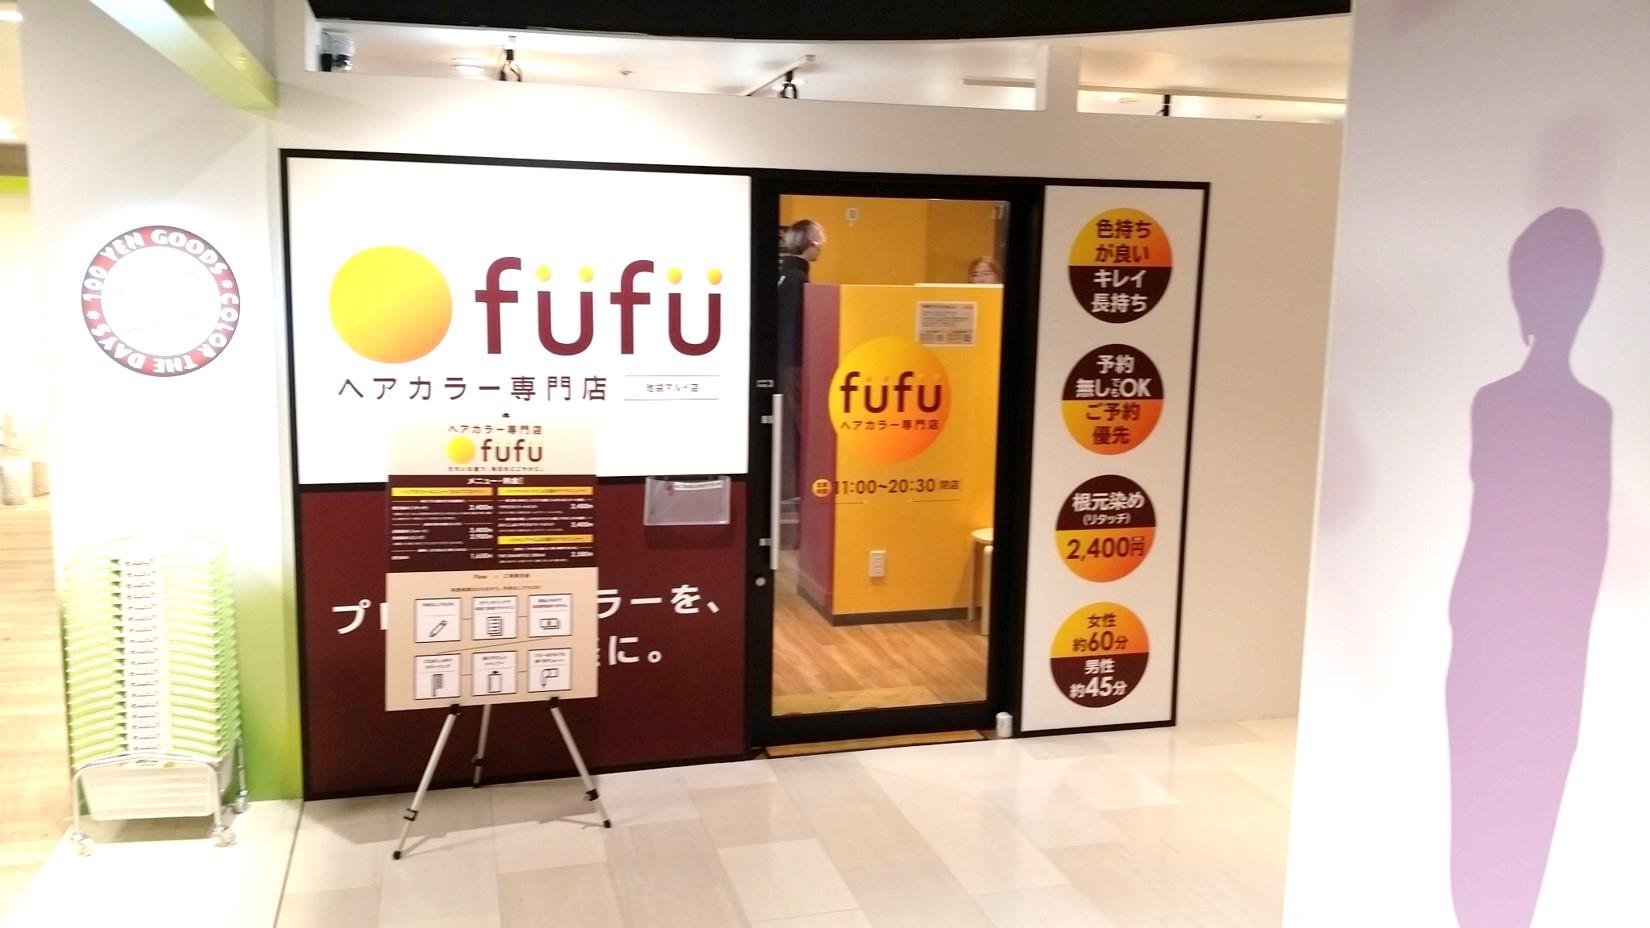 池袋 fufuフフ 01入口02